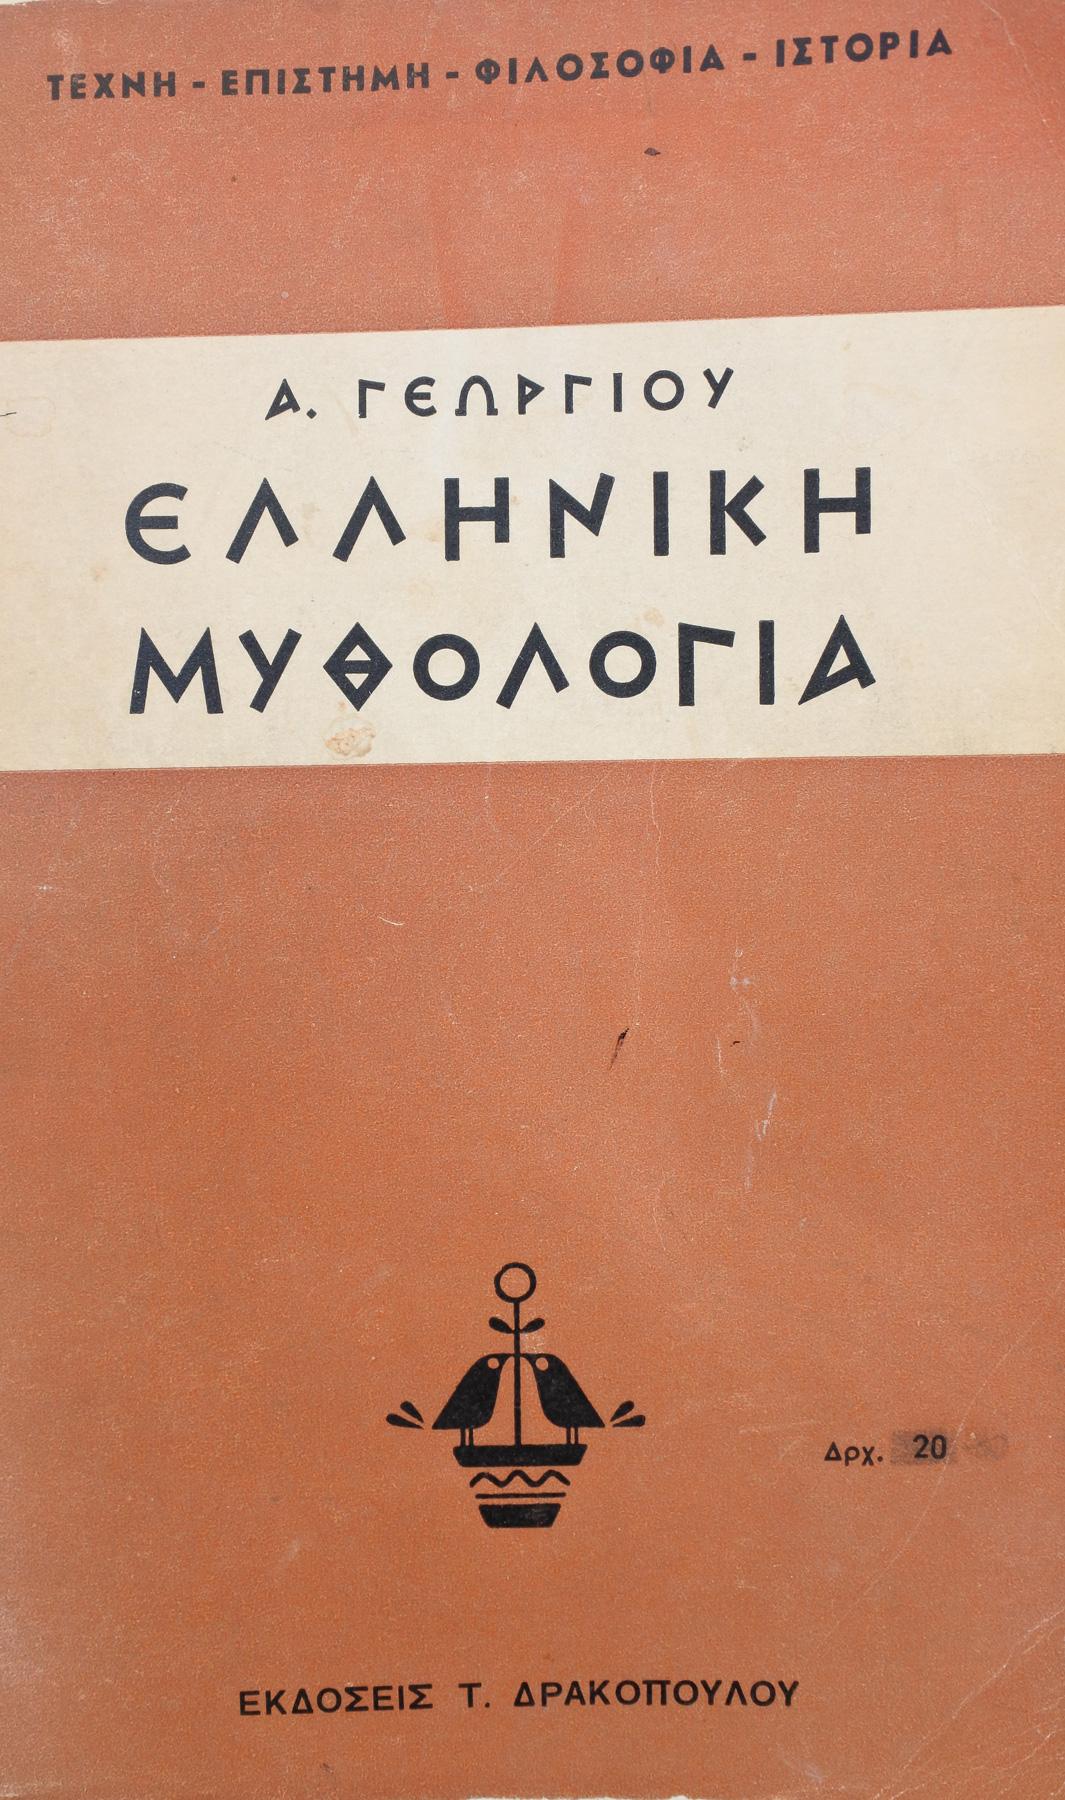 Ελληνική Μυθολογία (1960)